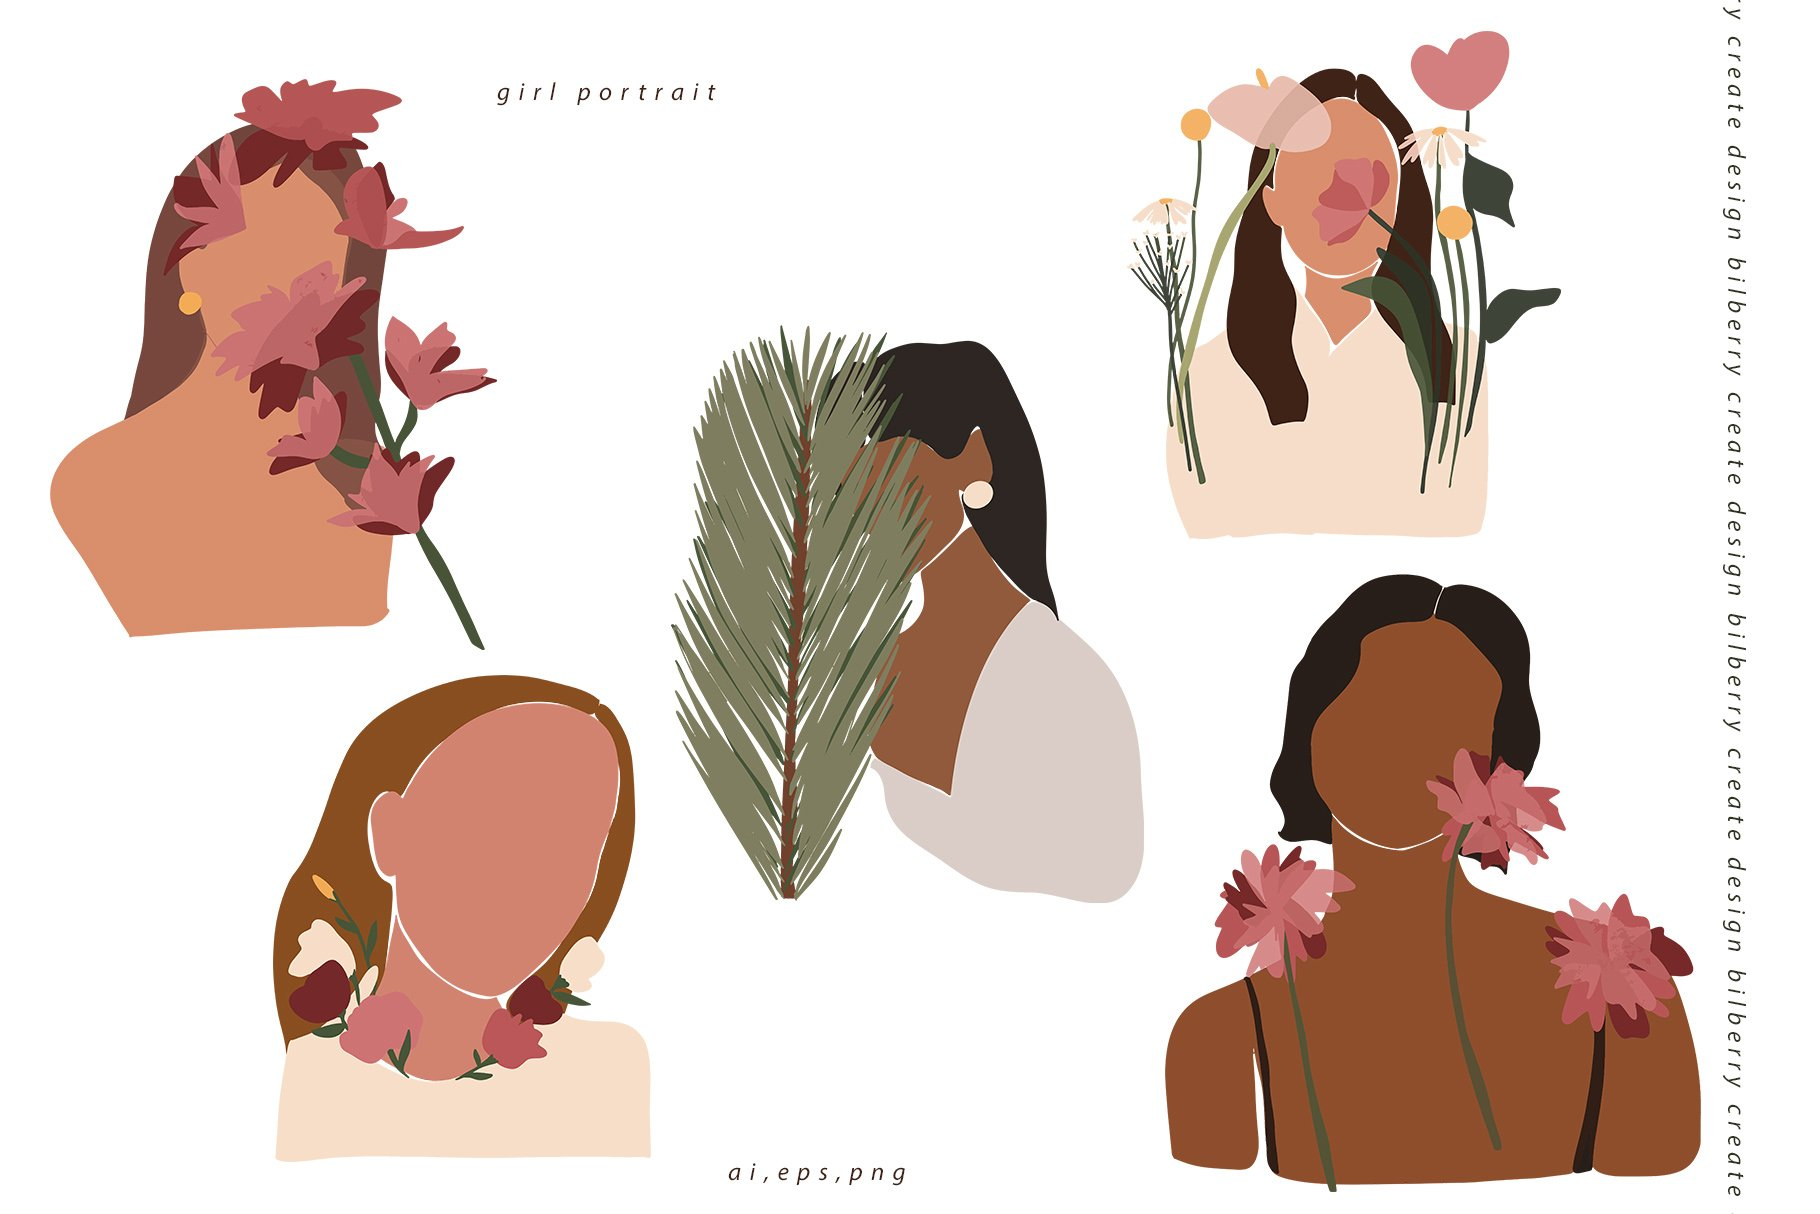 85多个抽象女孩风景形状矢量图案素材 Child Of Flowers Abstract Portrait插图(5)